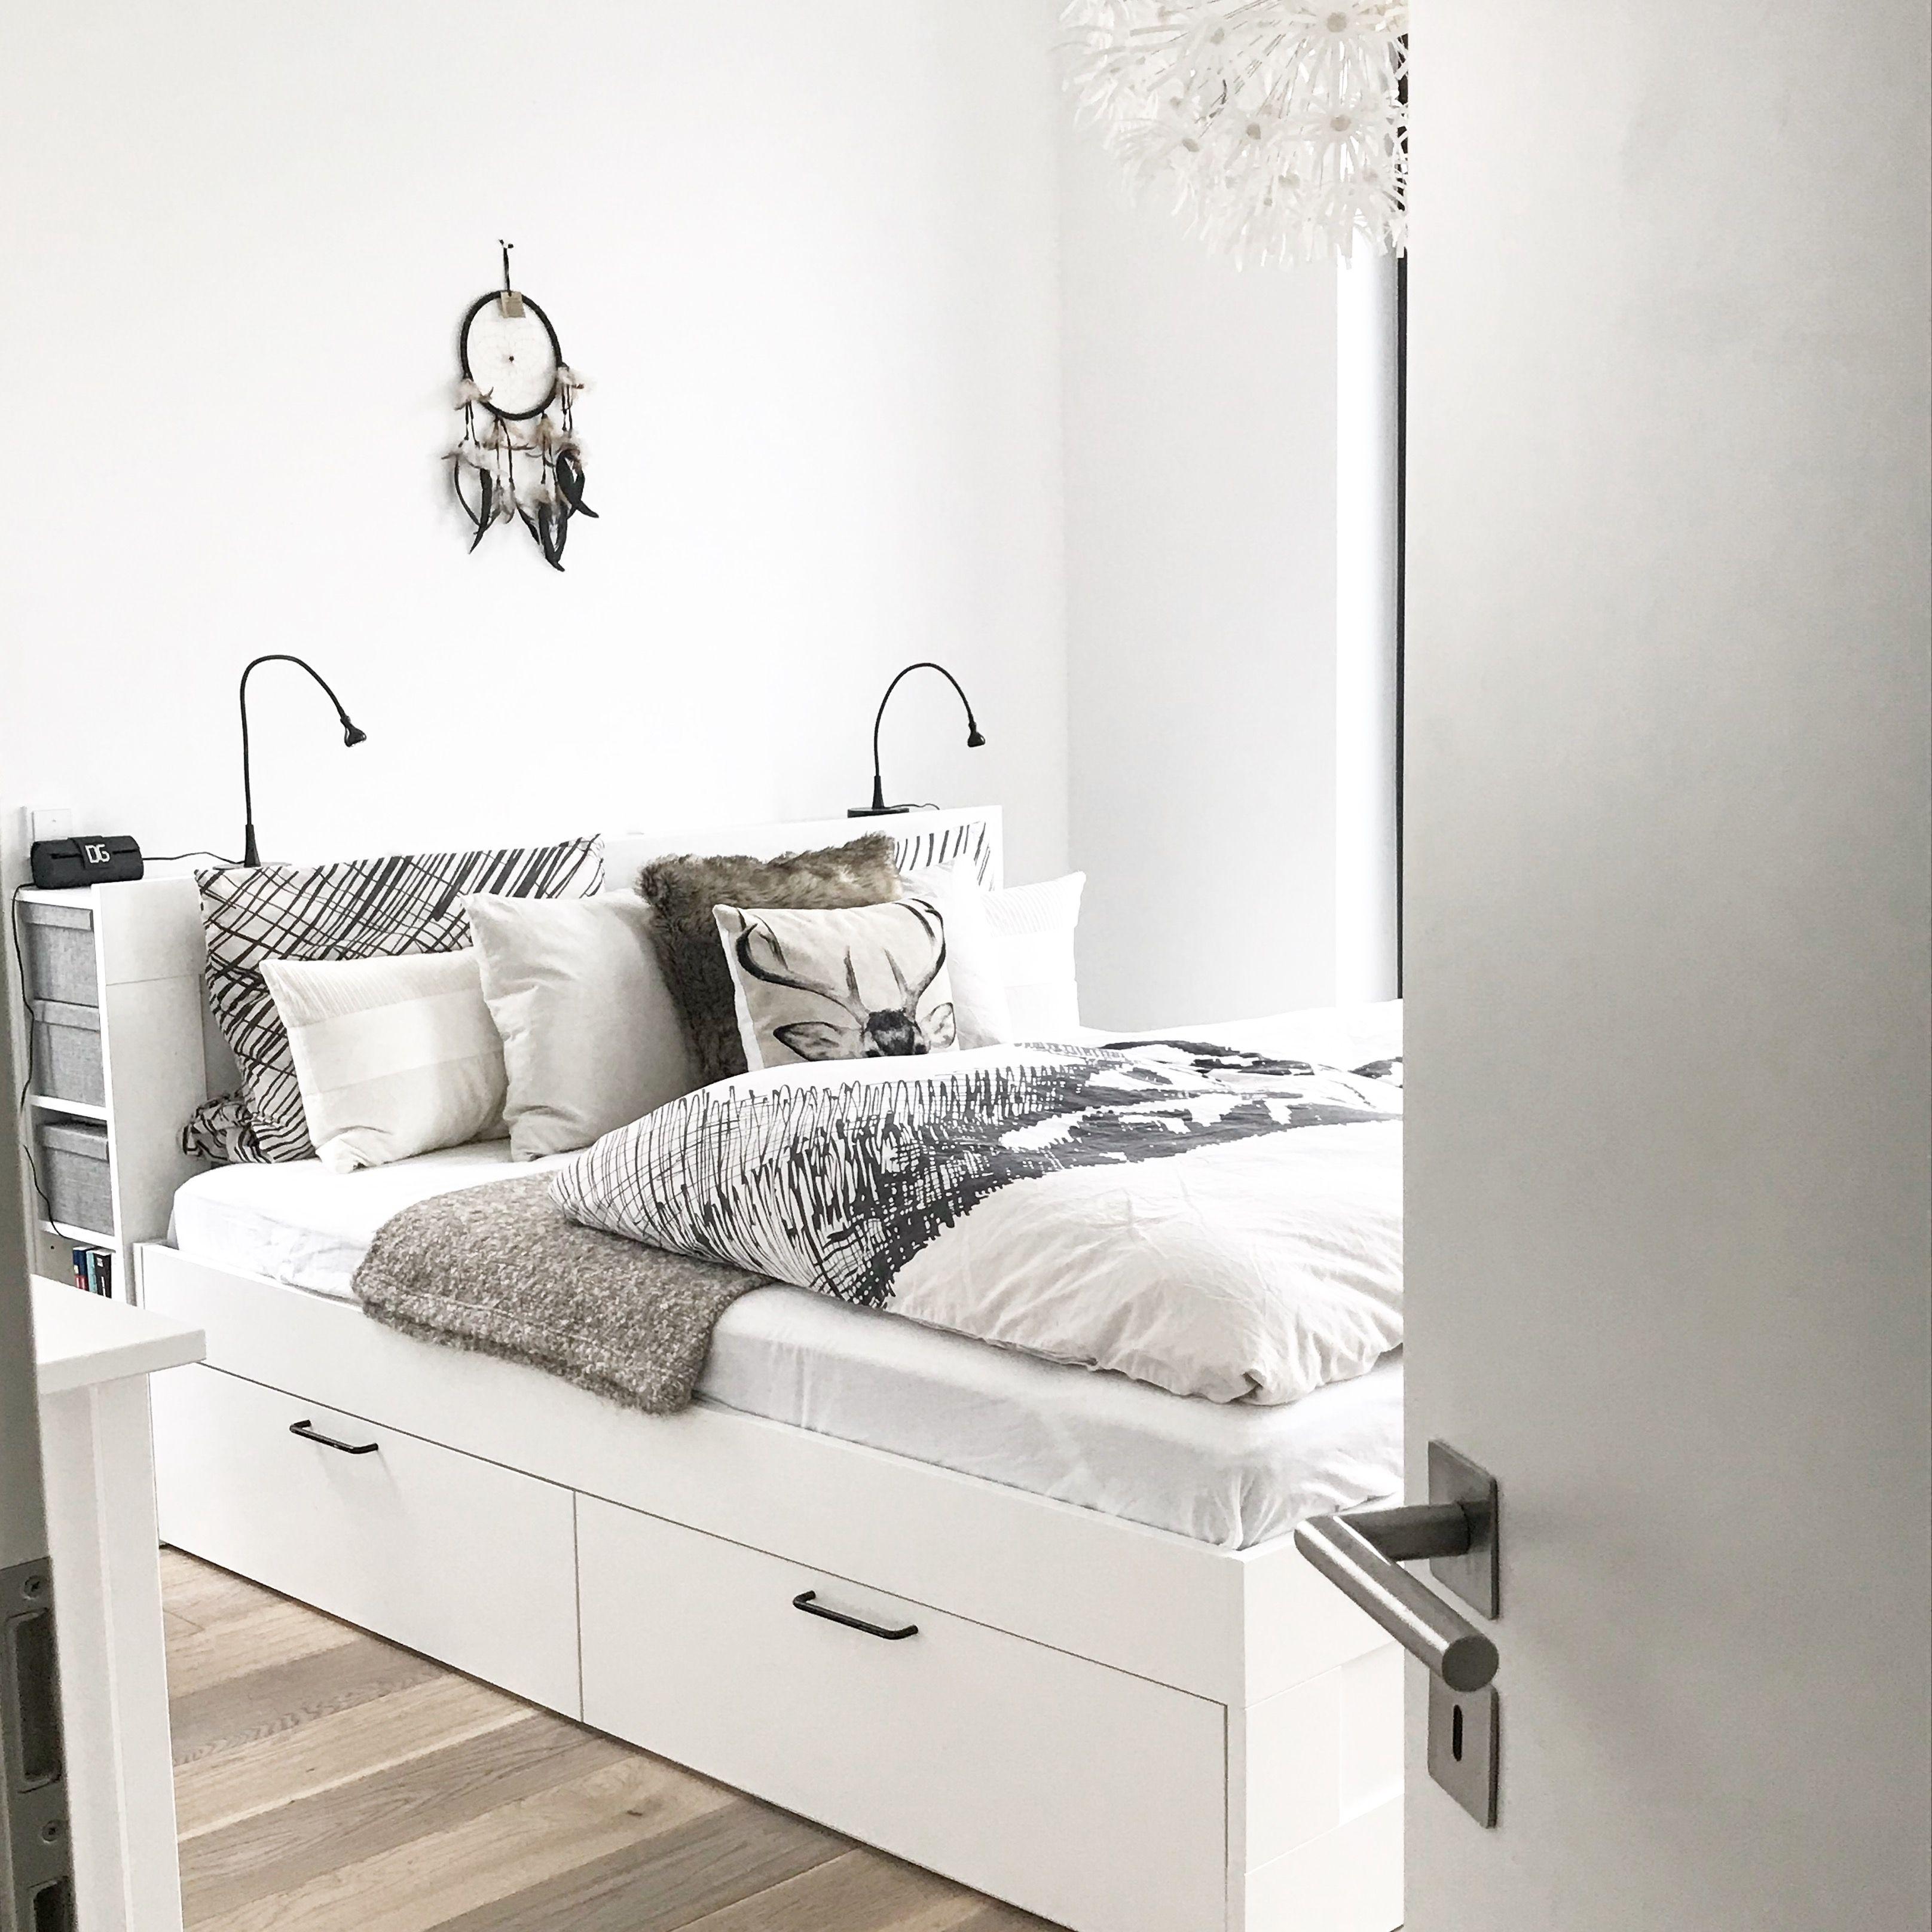 Ikea brimnes Bett bettkasten Stauraum Schlafzimmer bedroom ...